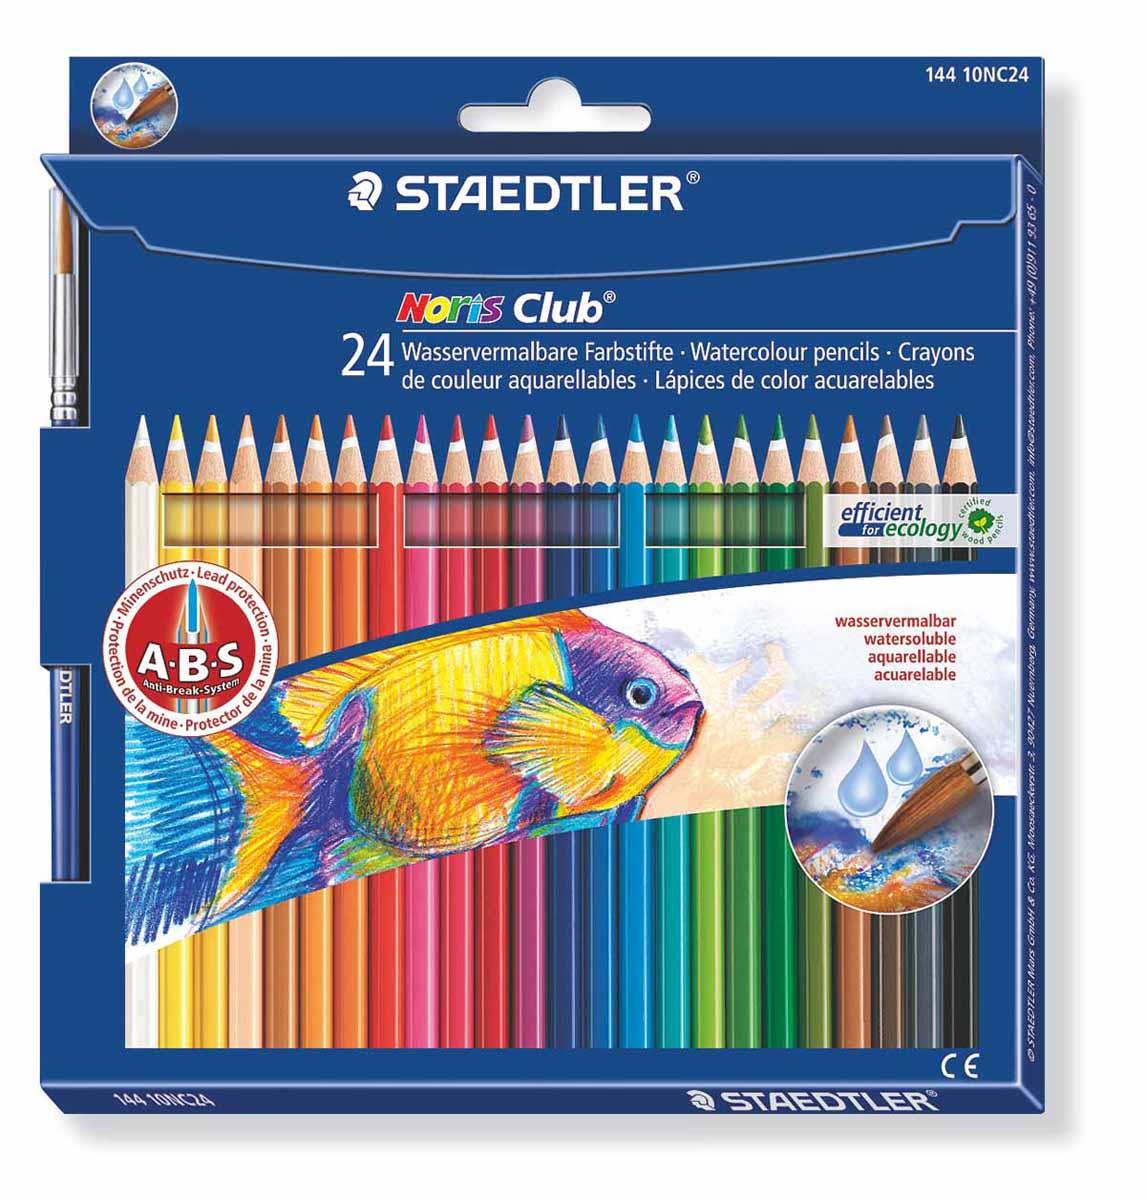 Staedtler Набор акварельных карандашей Noris Club с кисточкой 24 цвета14410NC24Набор цветных карандашей Staedtler Noris Club предназначен для школы и творческих мастерских.Хорошо размываются водой.Цвета легко смешиваются между собой, можно получить практически любой оттенок, при желании добившись нежного эффекта акварели.Интересный эффект достигается, когда рисунок наносится на предварительно смоченный картон или бумагу.Карандаши шестигранной формы, корпус выполнен из натурального дерева. Грифель, даже при падении карандаша, не ломается, так как надежно защищен системой ABS (anti breakage system) - дополнительным белым слоем.В комплекте идет кисточка с защитным колпачком.Акварельные карандаши соответствуют всем европейским стандартам.